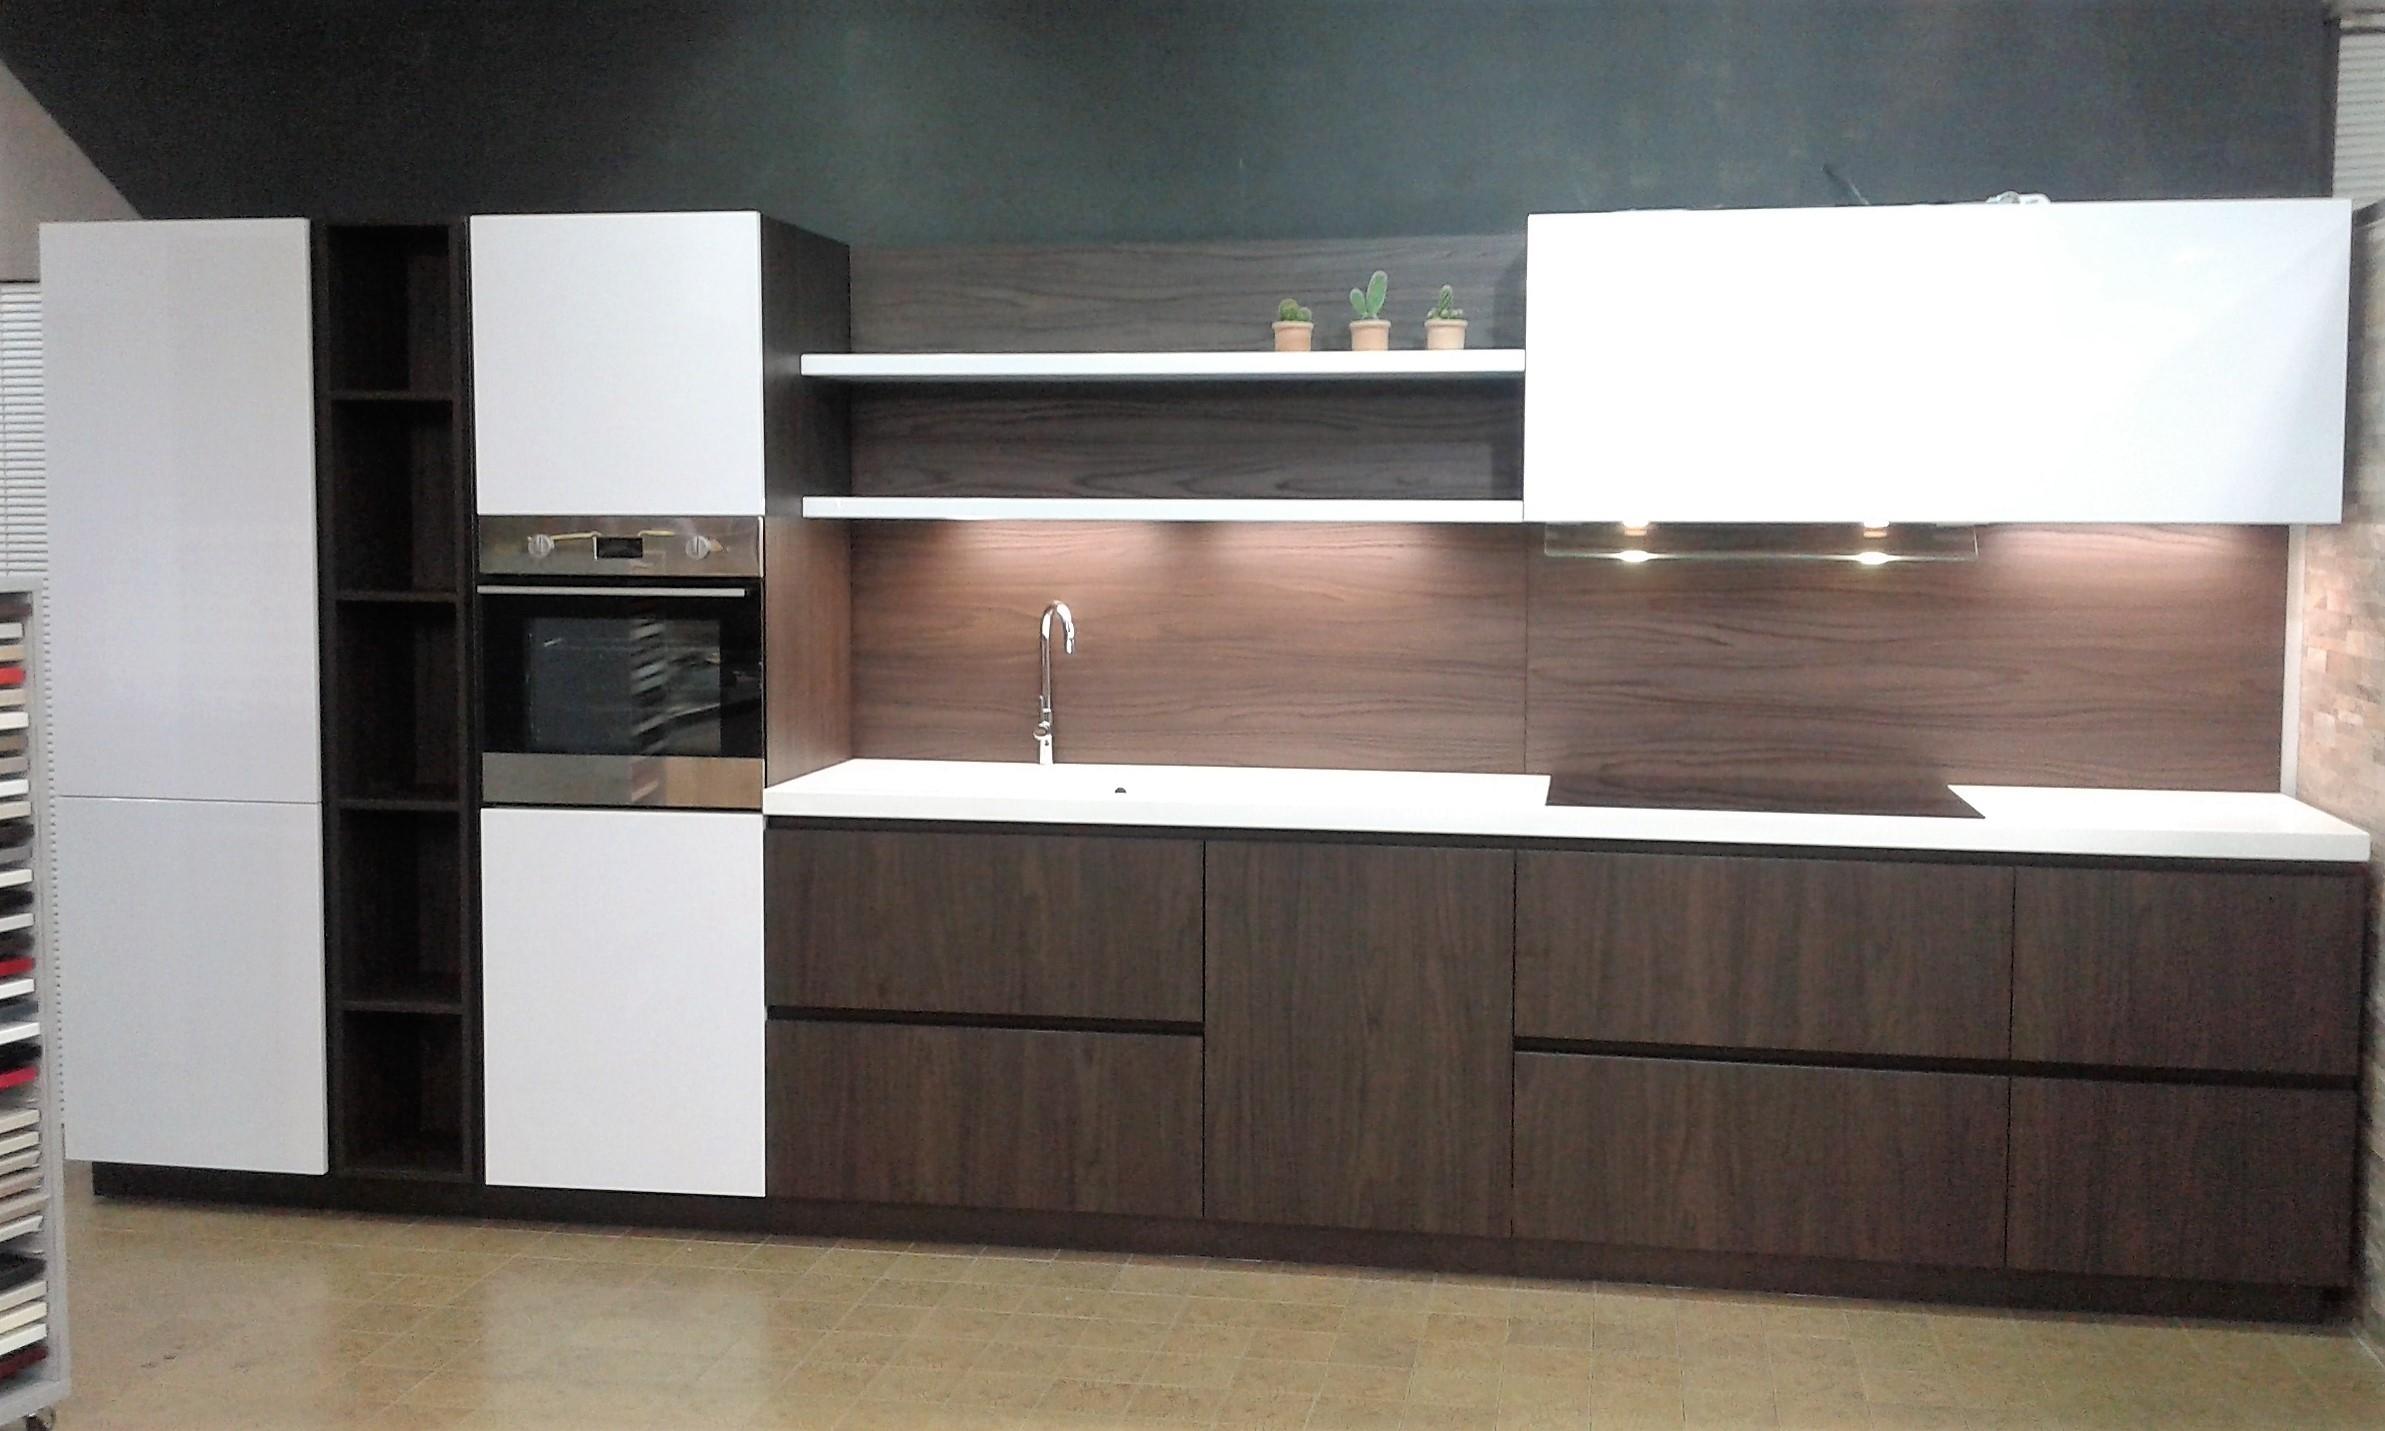 Cucina lineare finitura olmo dark e laccata bianca lucida scontata cucine a prezzi scontati - Cucina bianca lucida ...